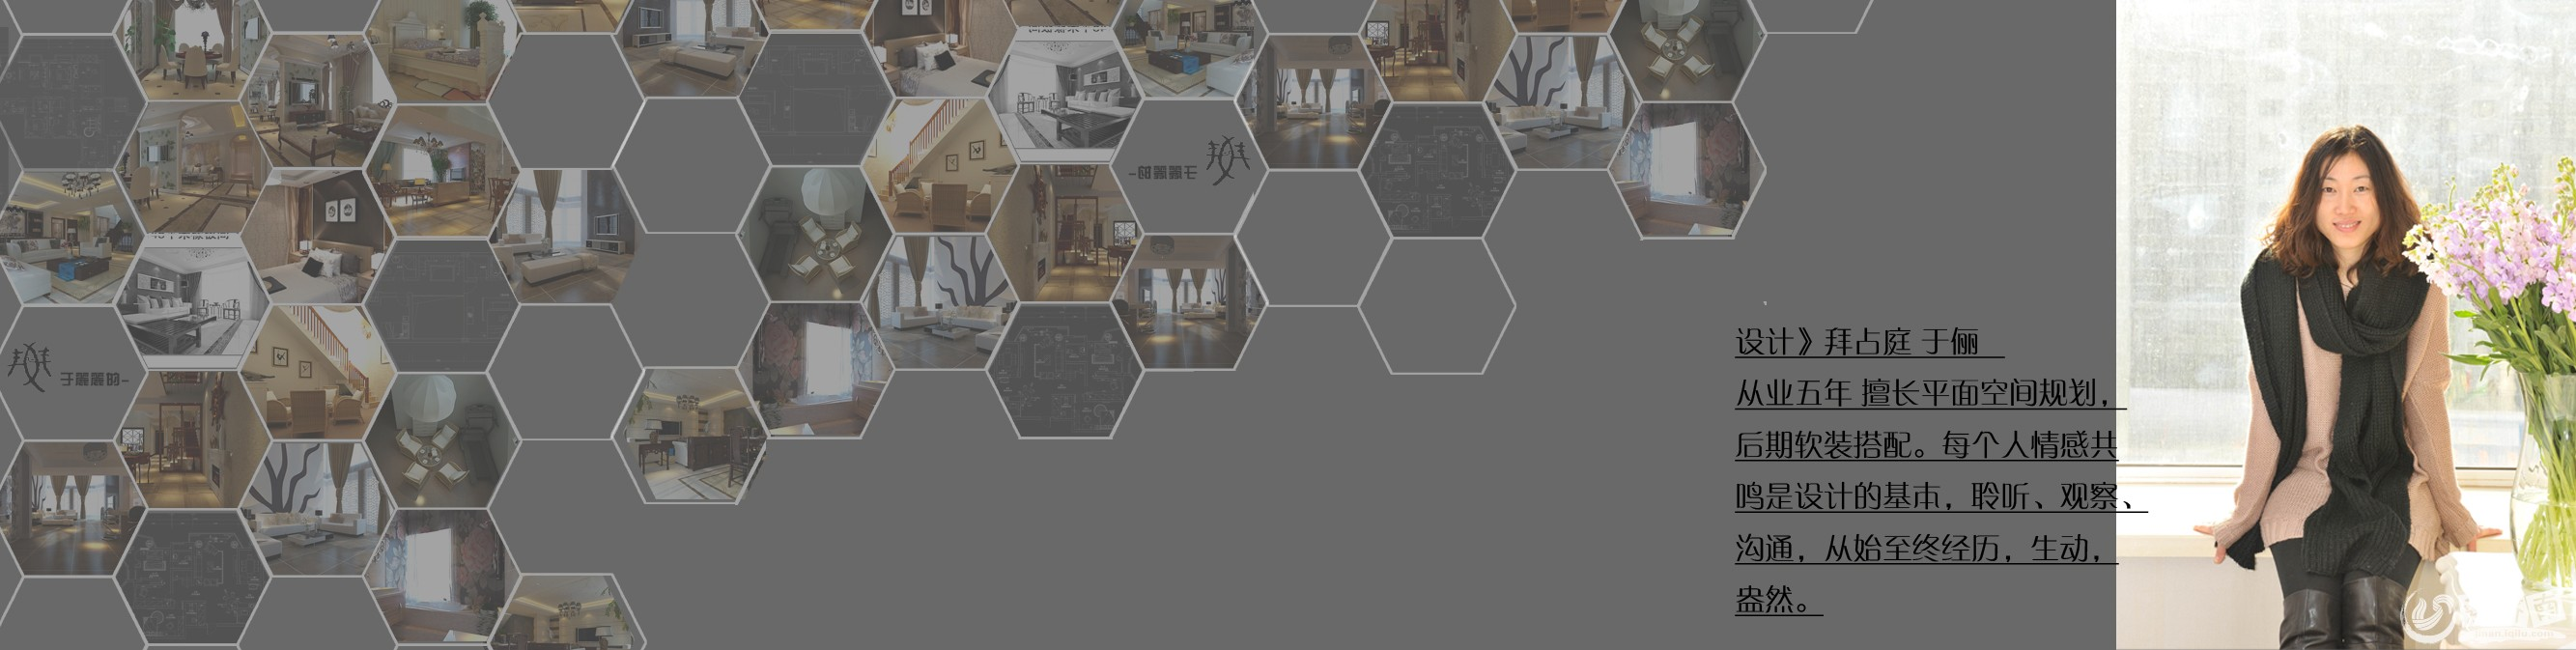 戴帆——设计界鬼才),胡如珊(卓越年轻设计师),高文安(香港著名室内